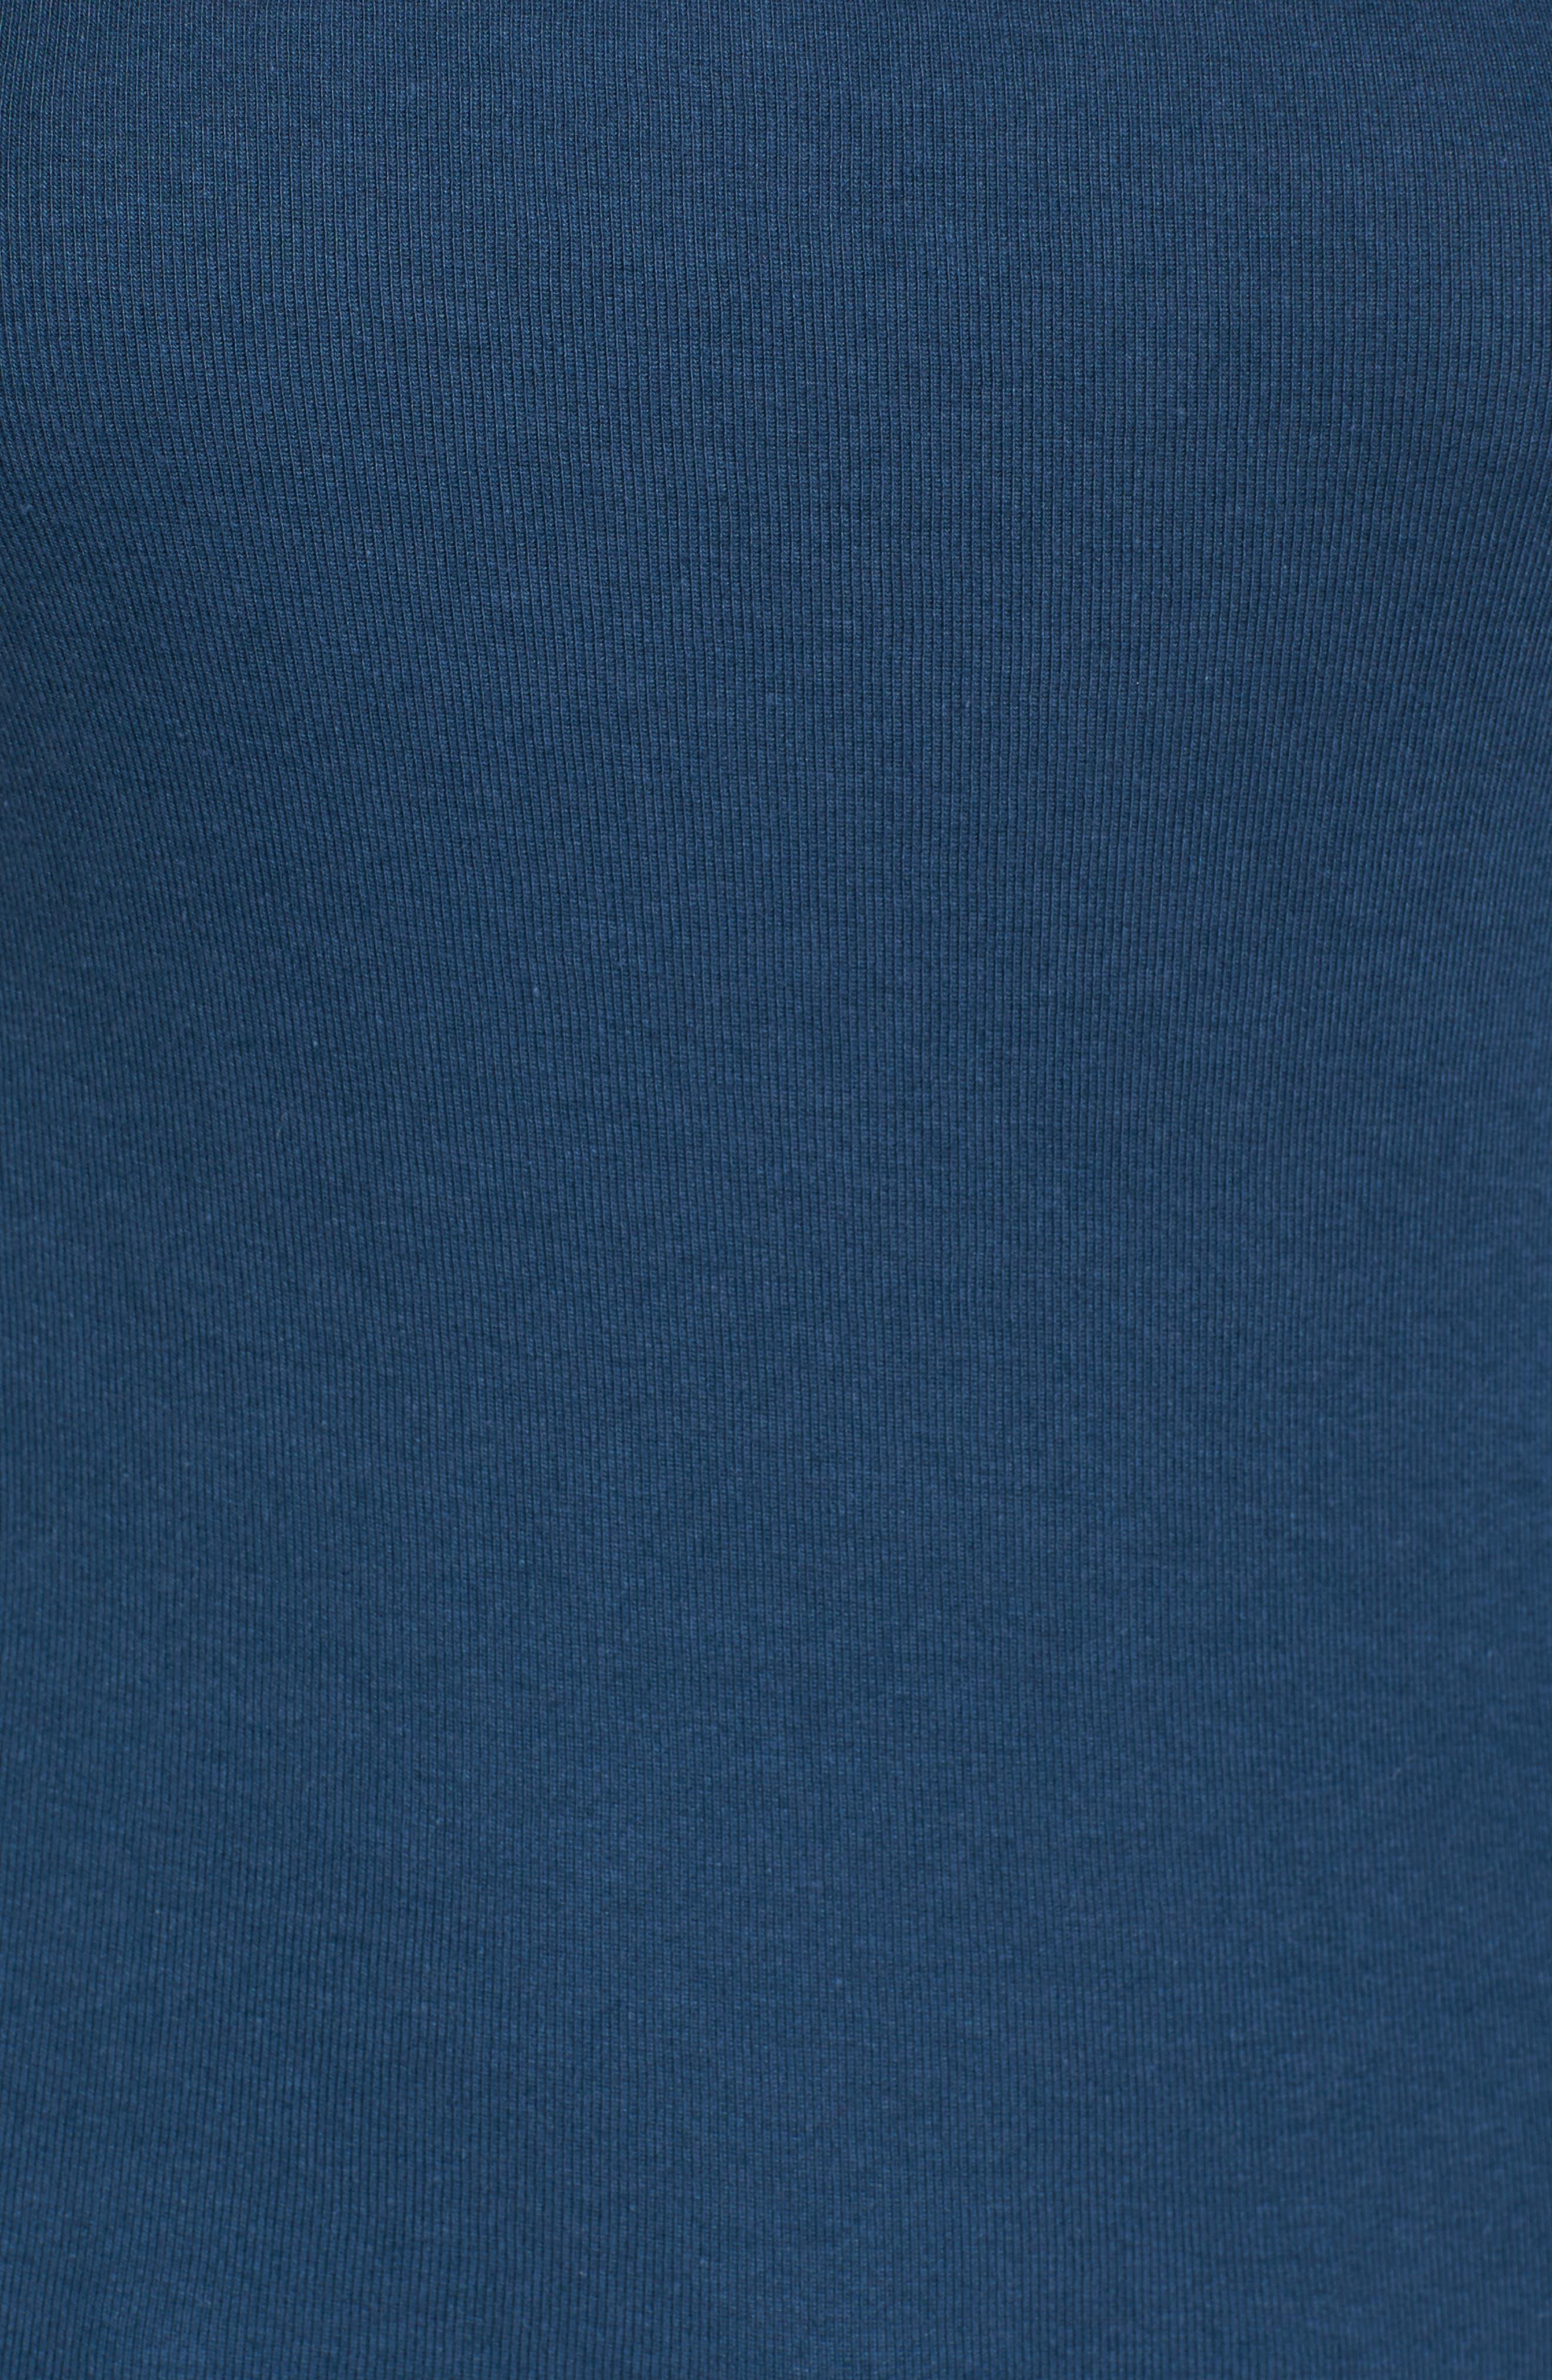 Three Quarter Sleeve Tee,                             Alternate thumbnail 101, color,